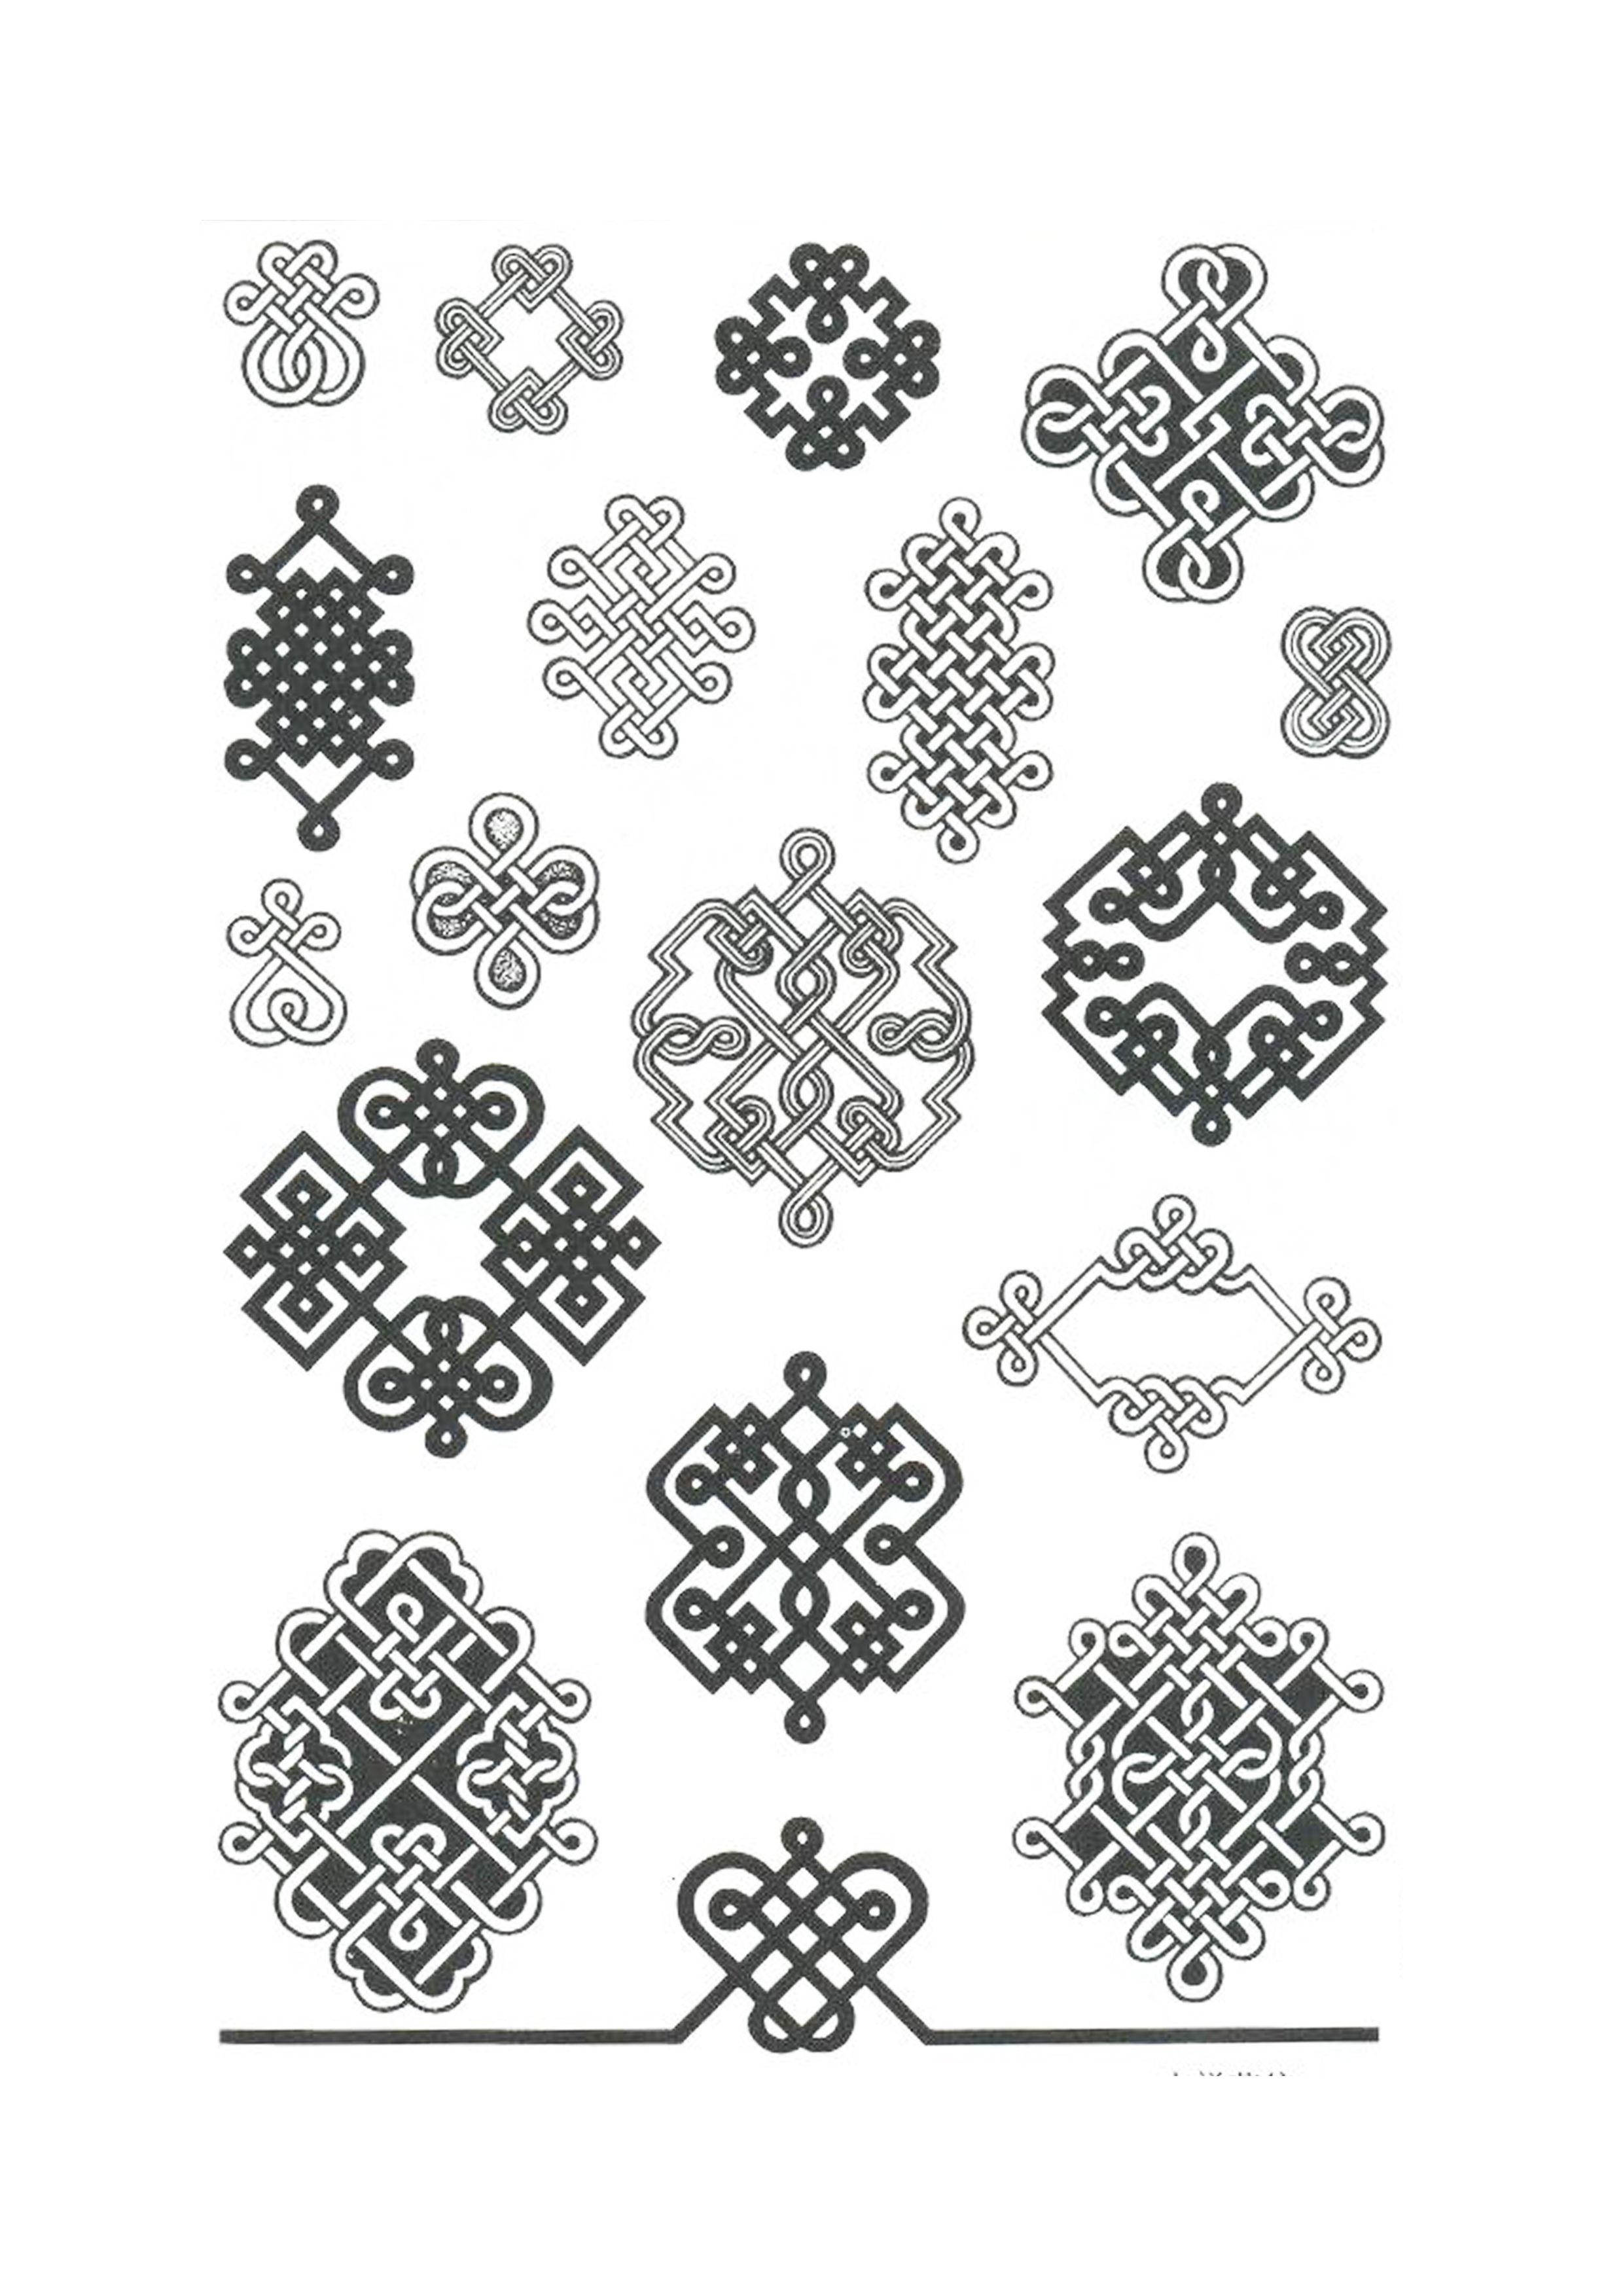 Монгольский орнамент. Узлы, плетнки. | belt | Pinterest | Símbolos ...